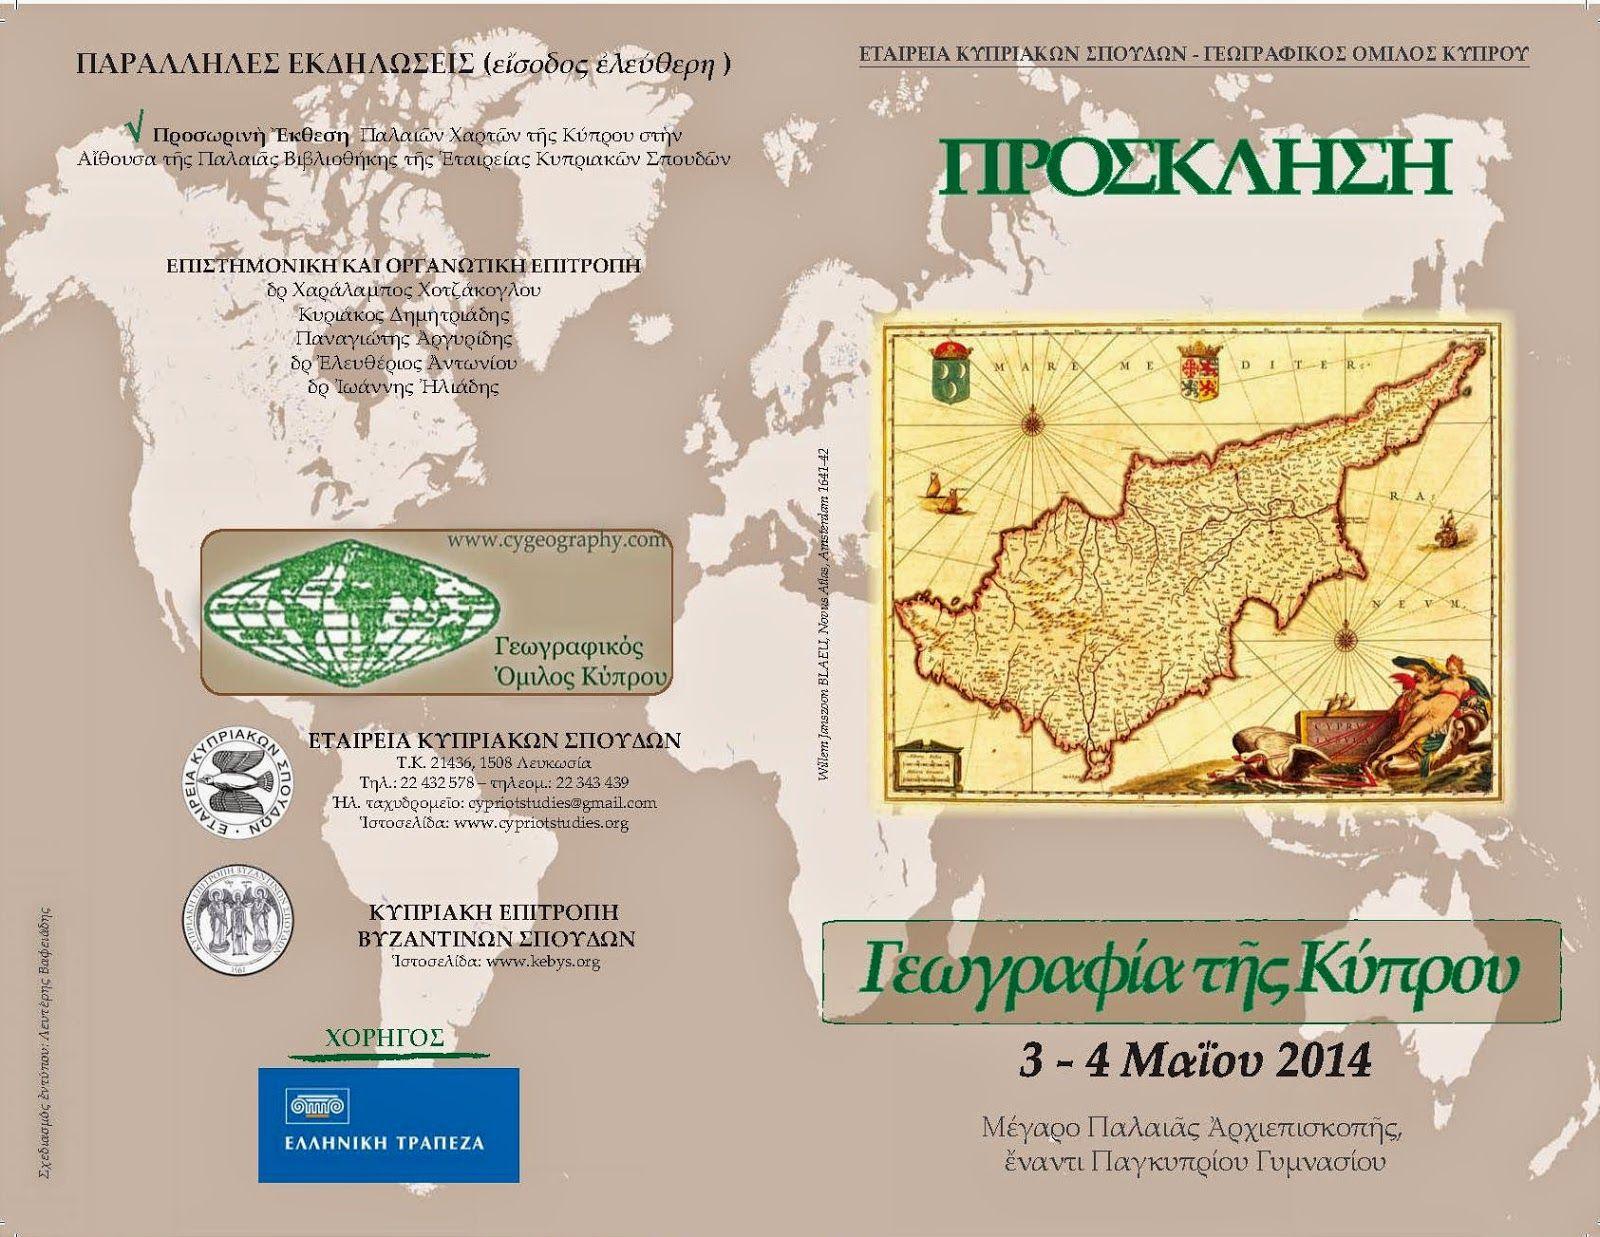 ΕΤΑΙΡΕΙΑ ΚΥΠΡΙΑΚΩΝ ΣΠΟΥΔΩΝ Society of Cypriot Studies: ΤΡΕΧΟΥΣΕΣ ΕΚΔΗΛΩΣΕΙΣ _Upcoming Events